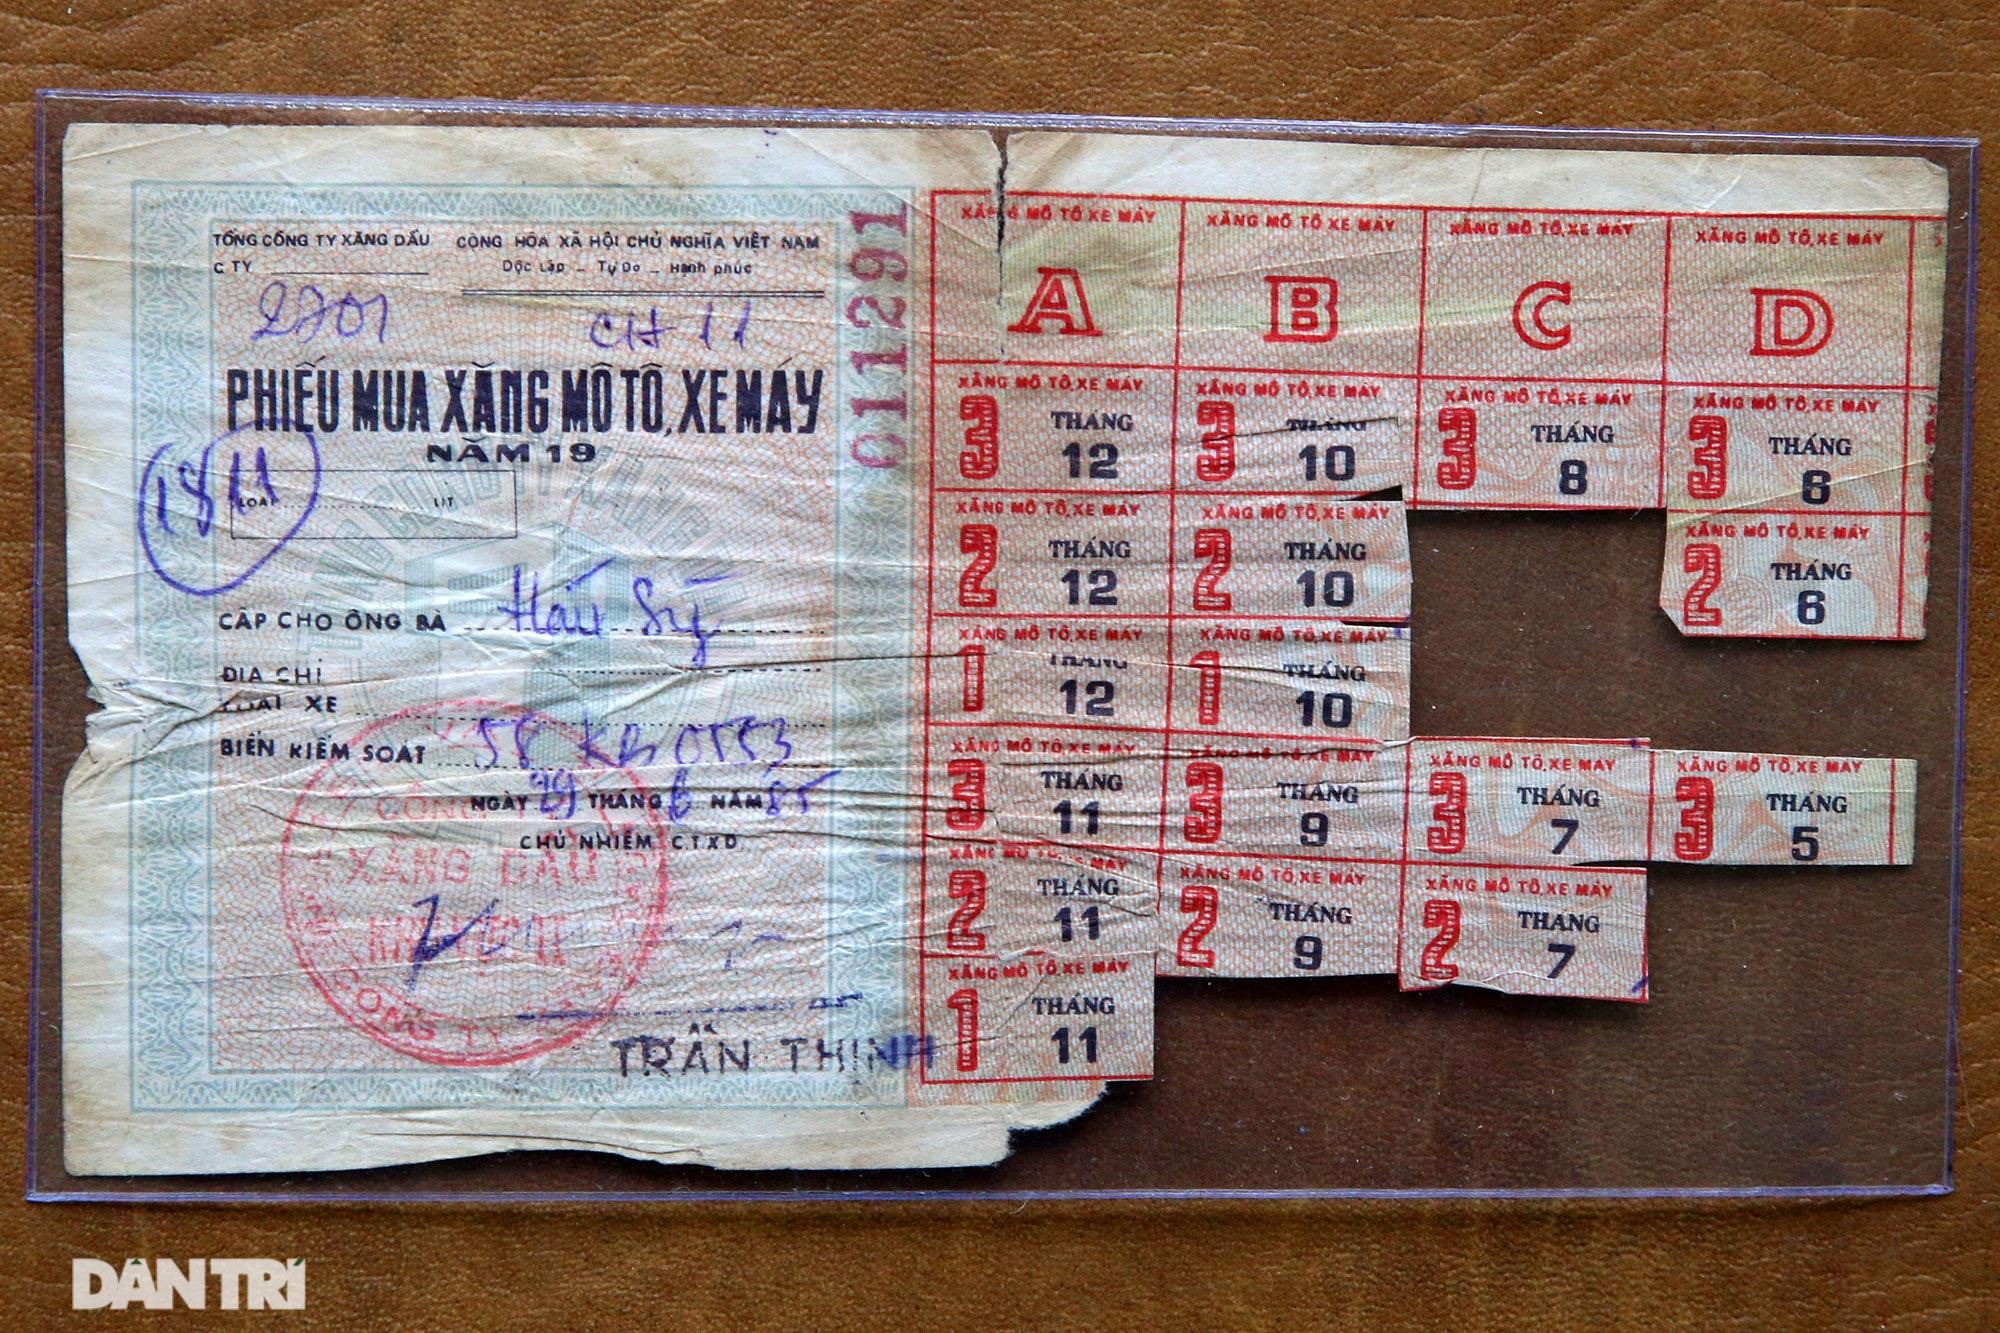 Ký ức gian khó qua bộ sưu tập tem phiếu, sổ gạo thời bao cấp - 8